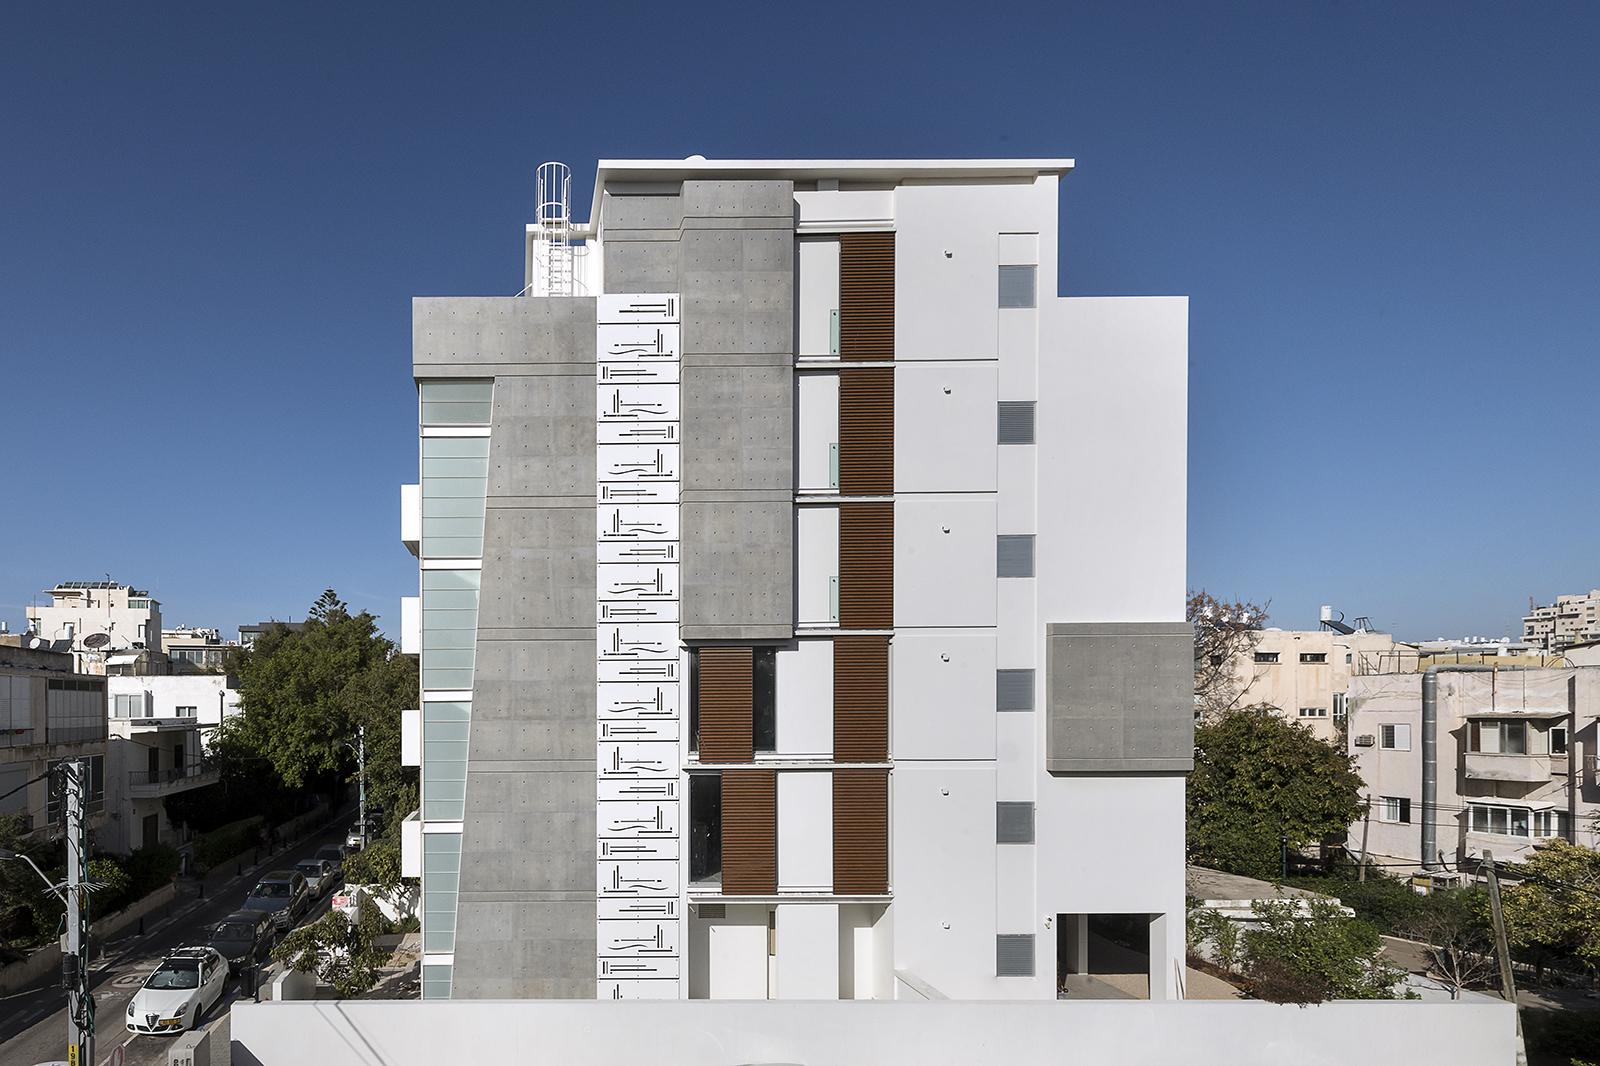 שיקום בטון בבניין מגורים -ארטן בטונדה